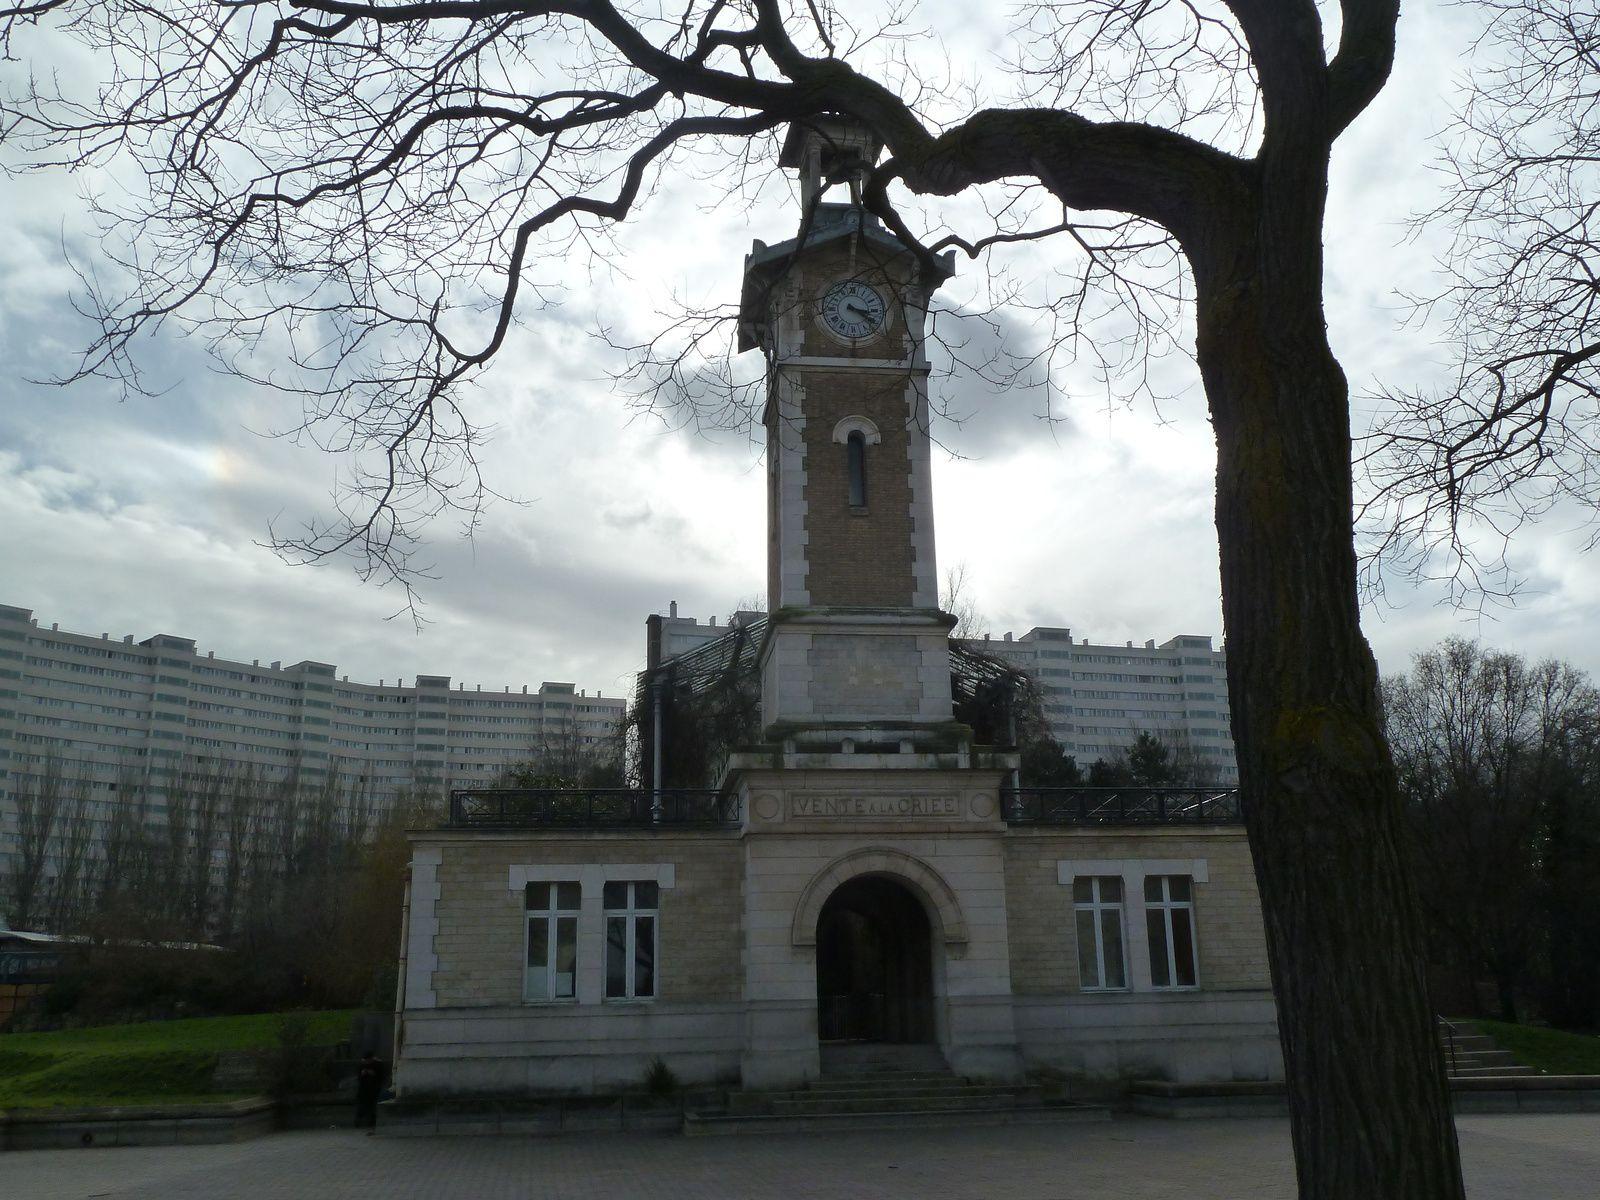 L'ancien marché à la criée des abattoirs de Vaugirard opérationnels de 1897 à 1975.